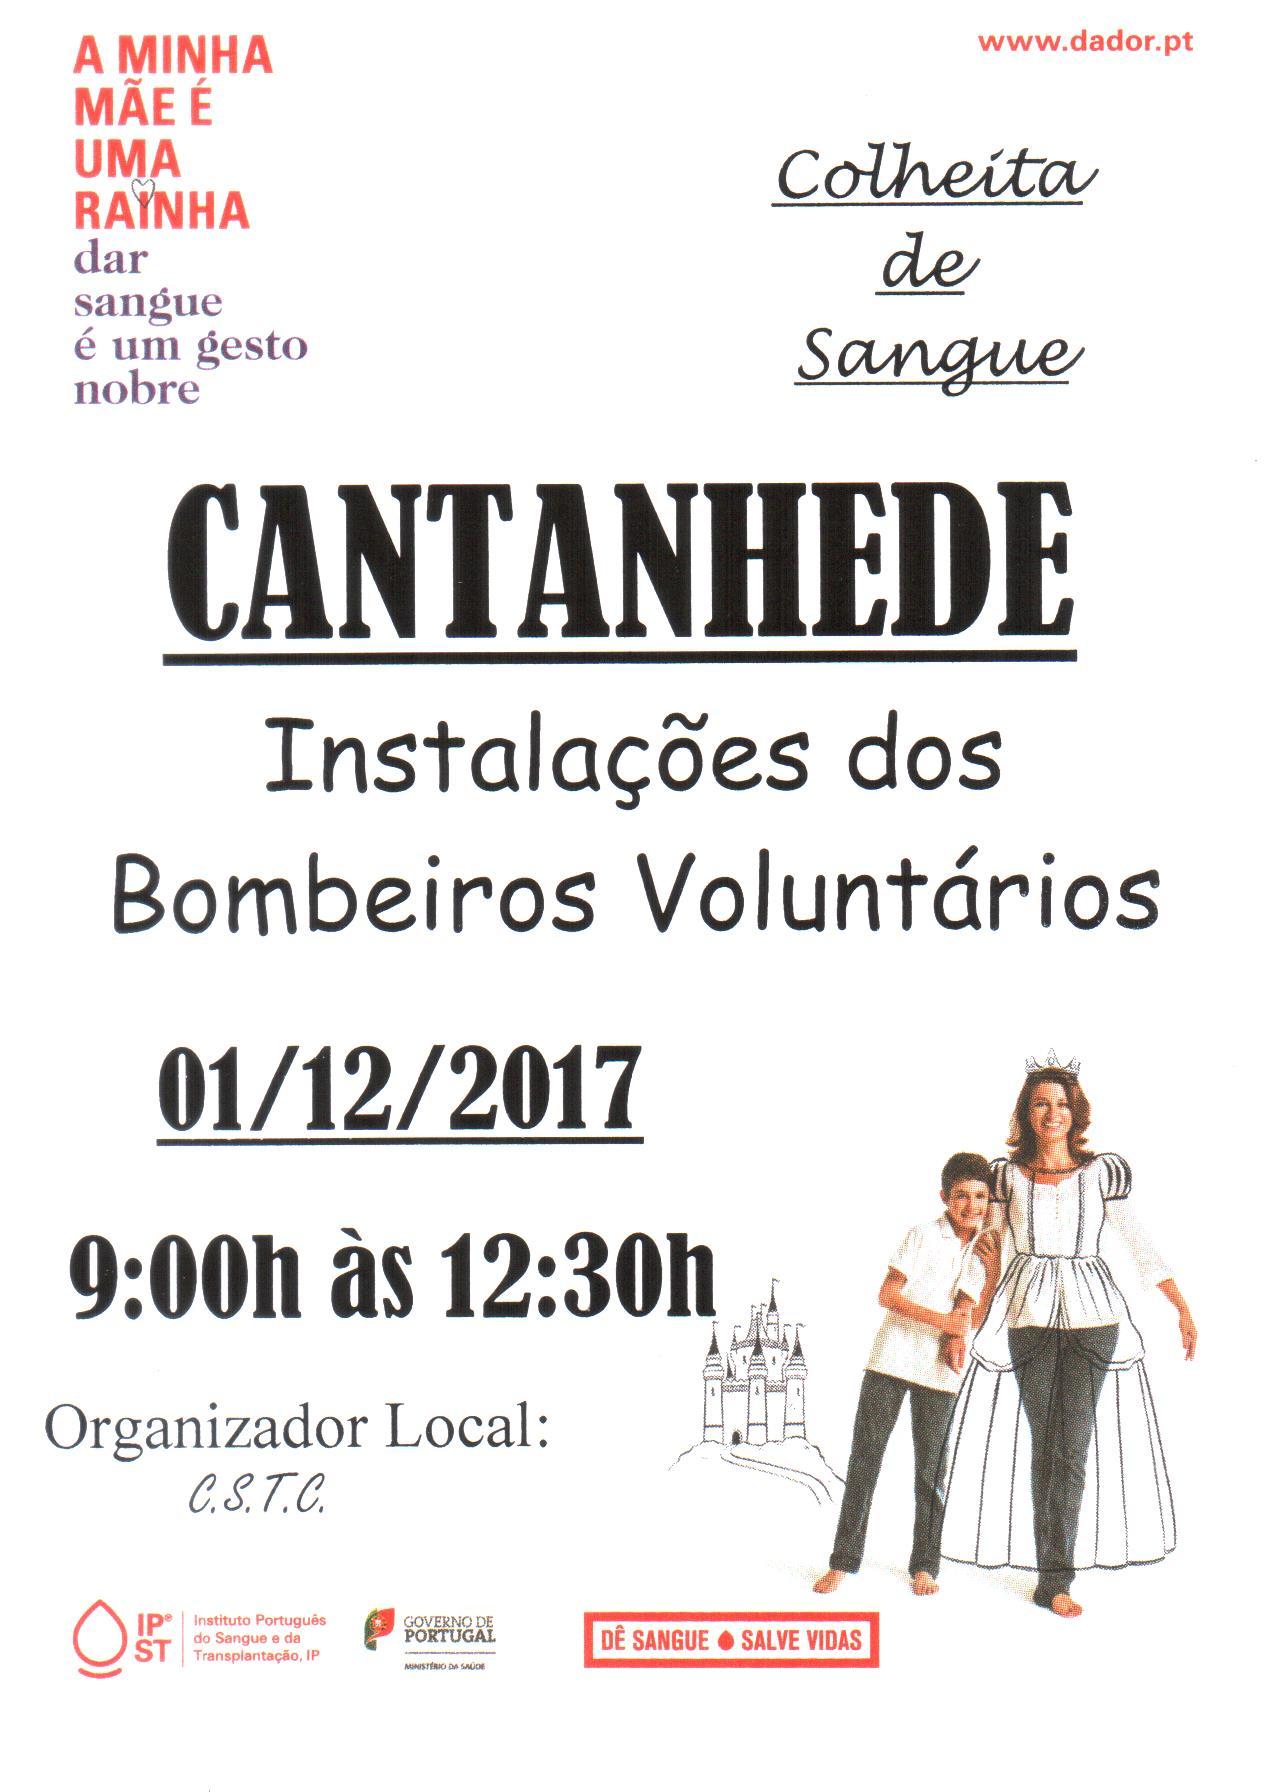 ver notícia Recolha de sangue em Cantanhede